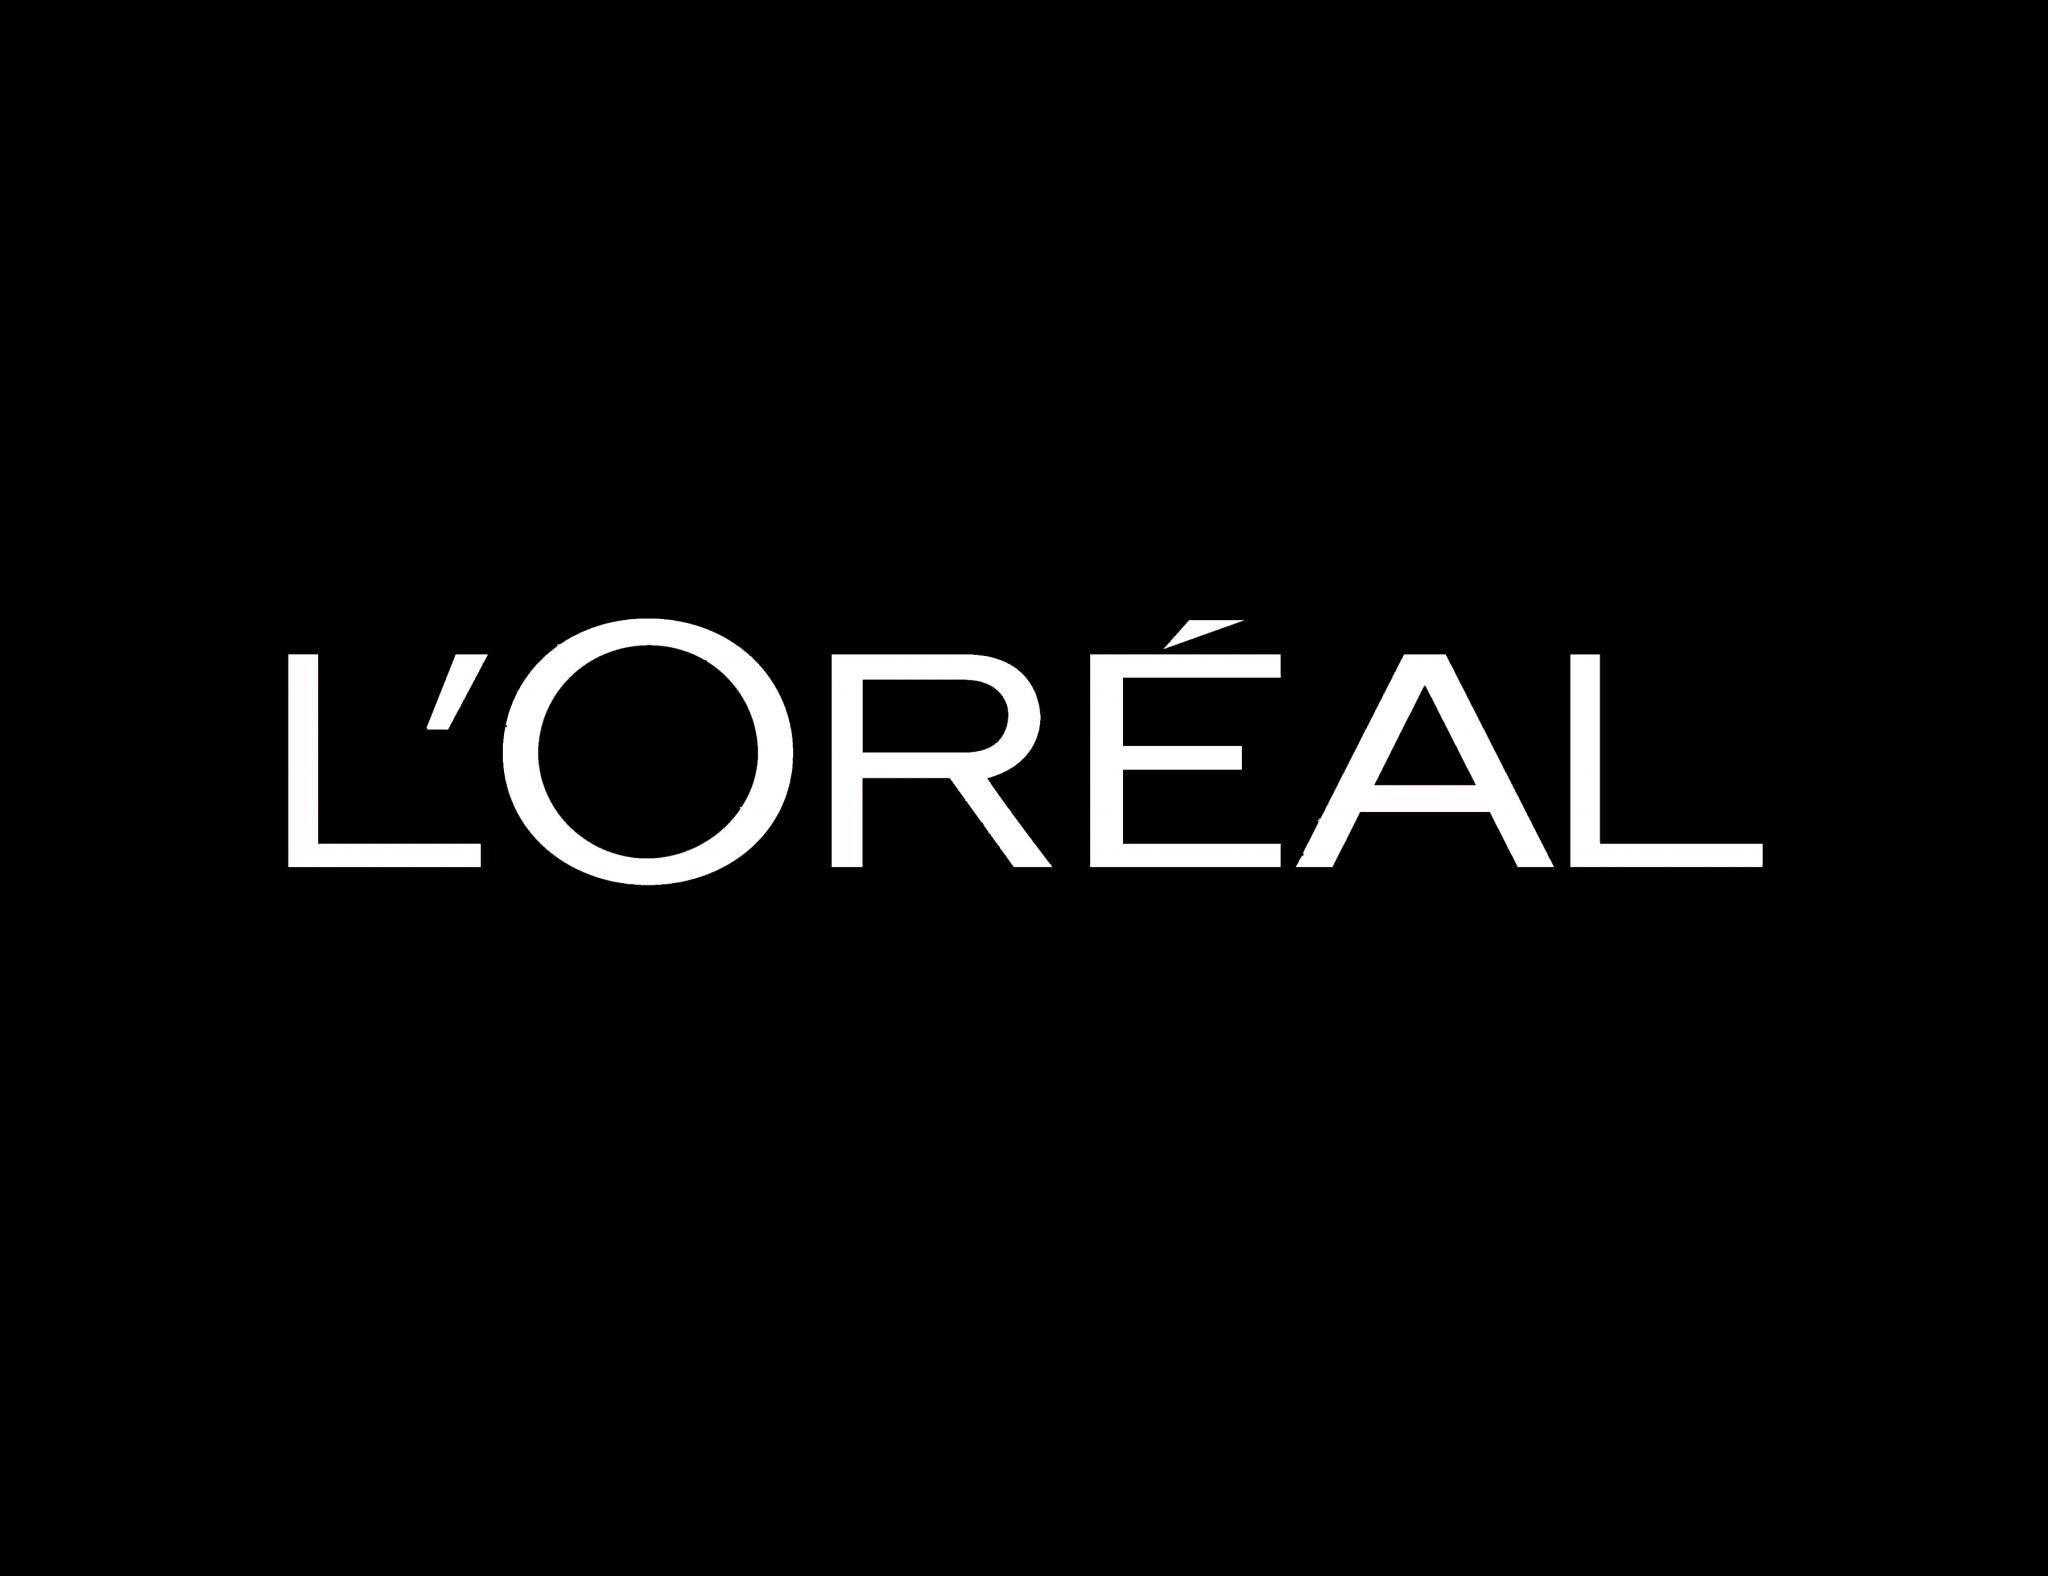 Dividende et rendement l'Oréal action